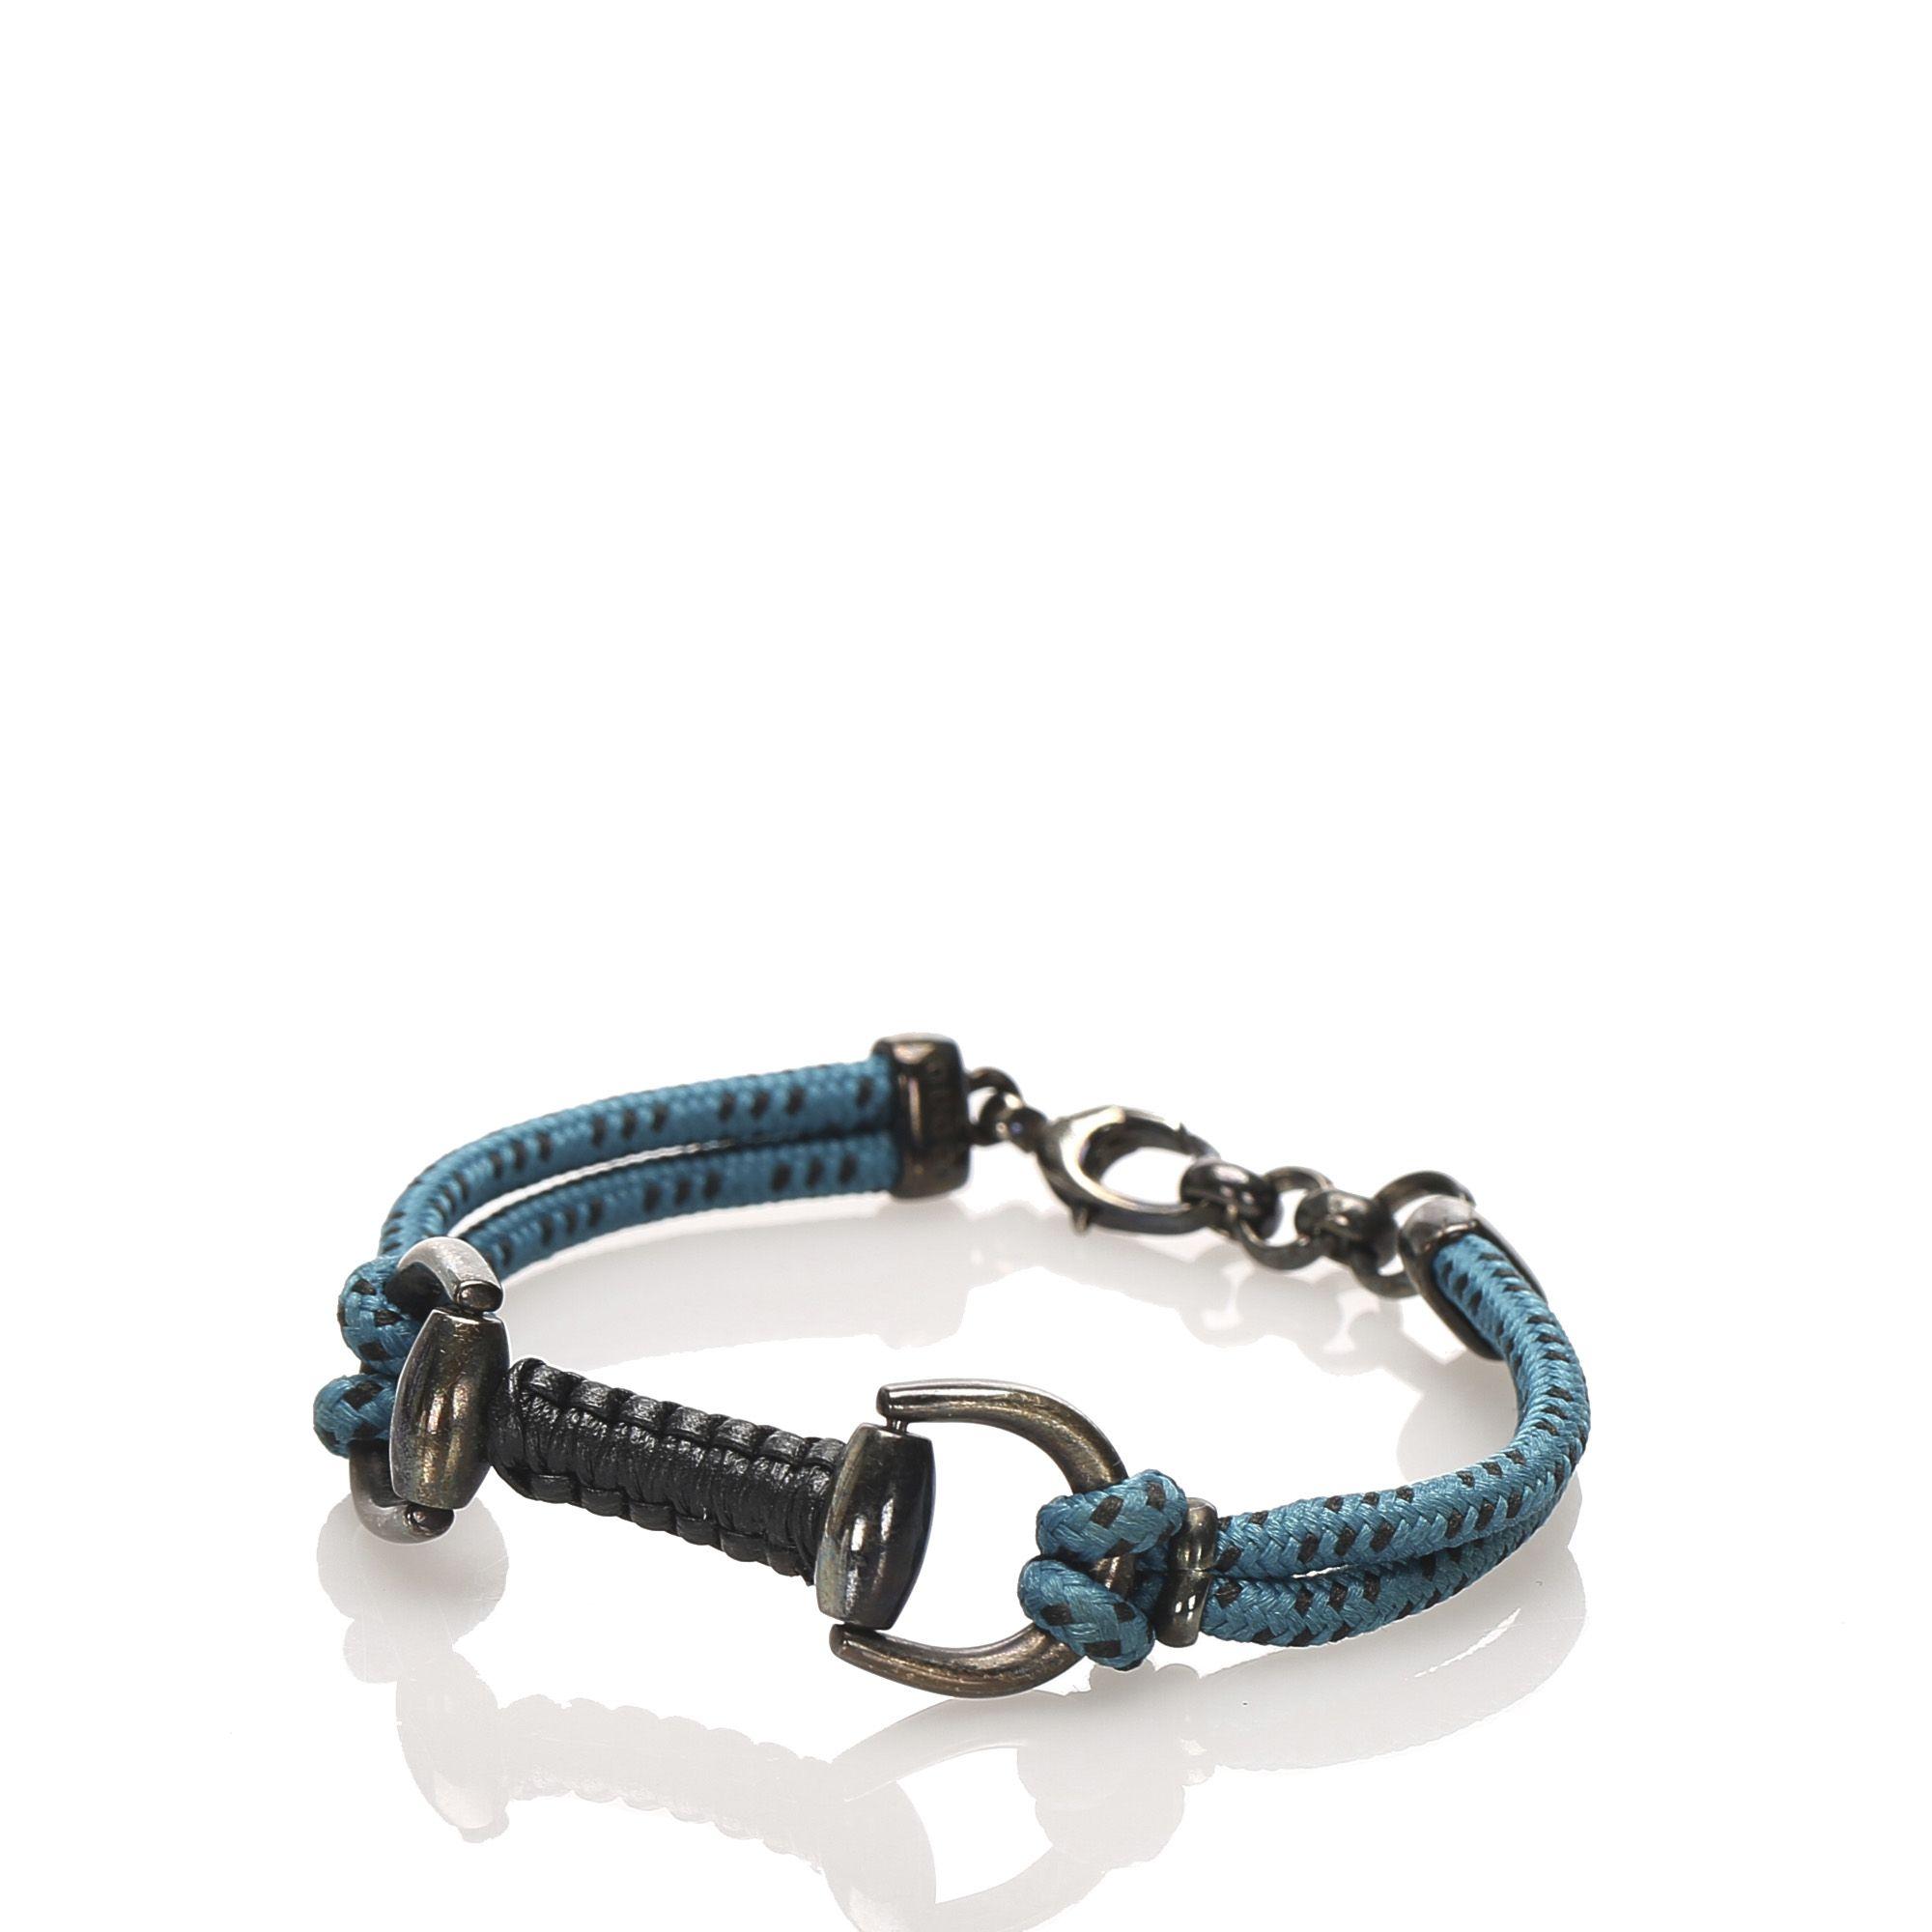 Vintage Gucci Cotton Bracelet Blue